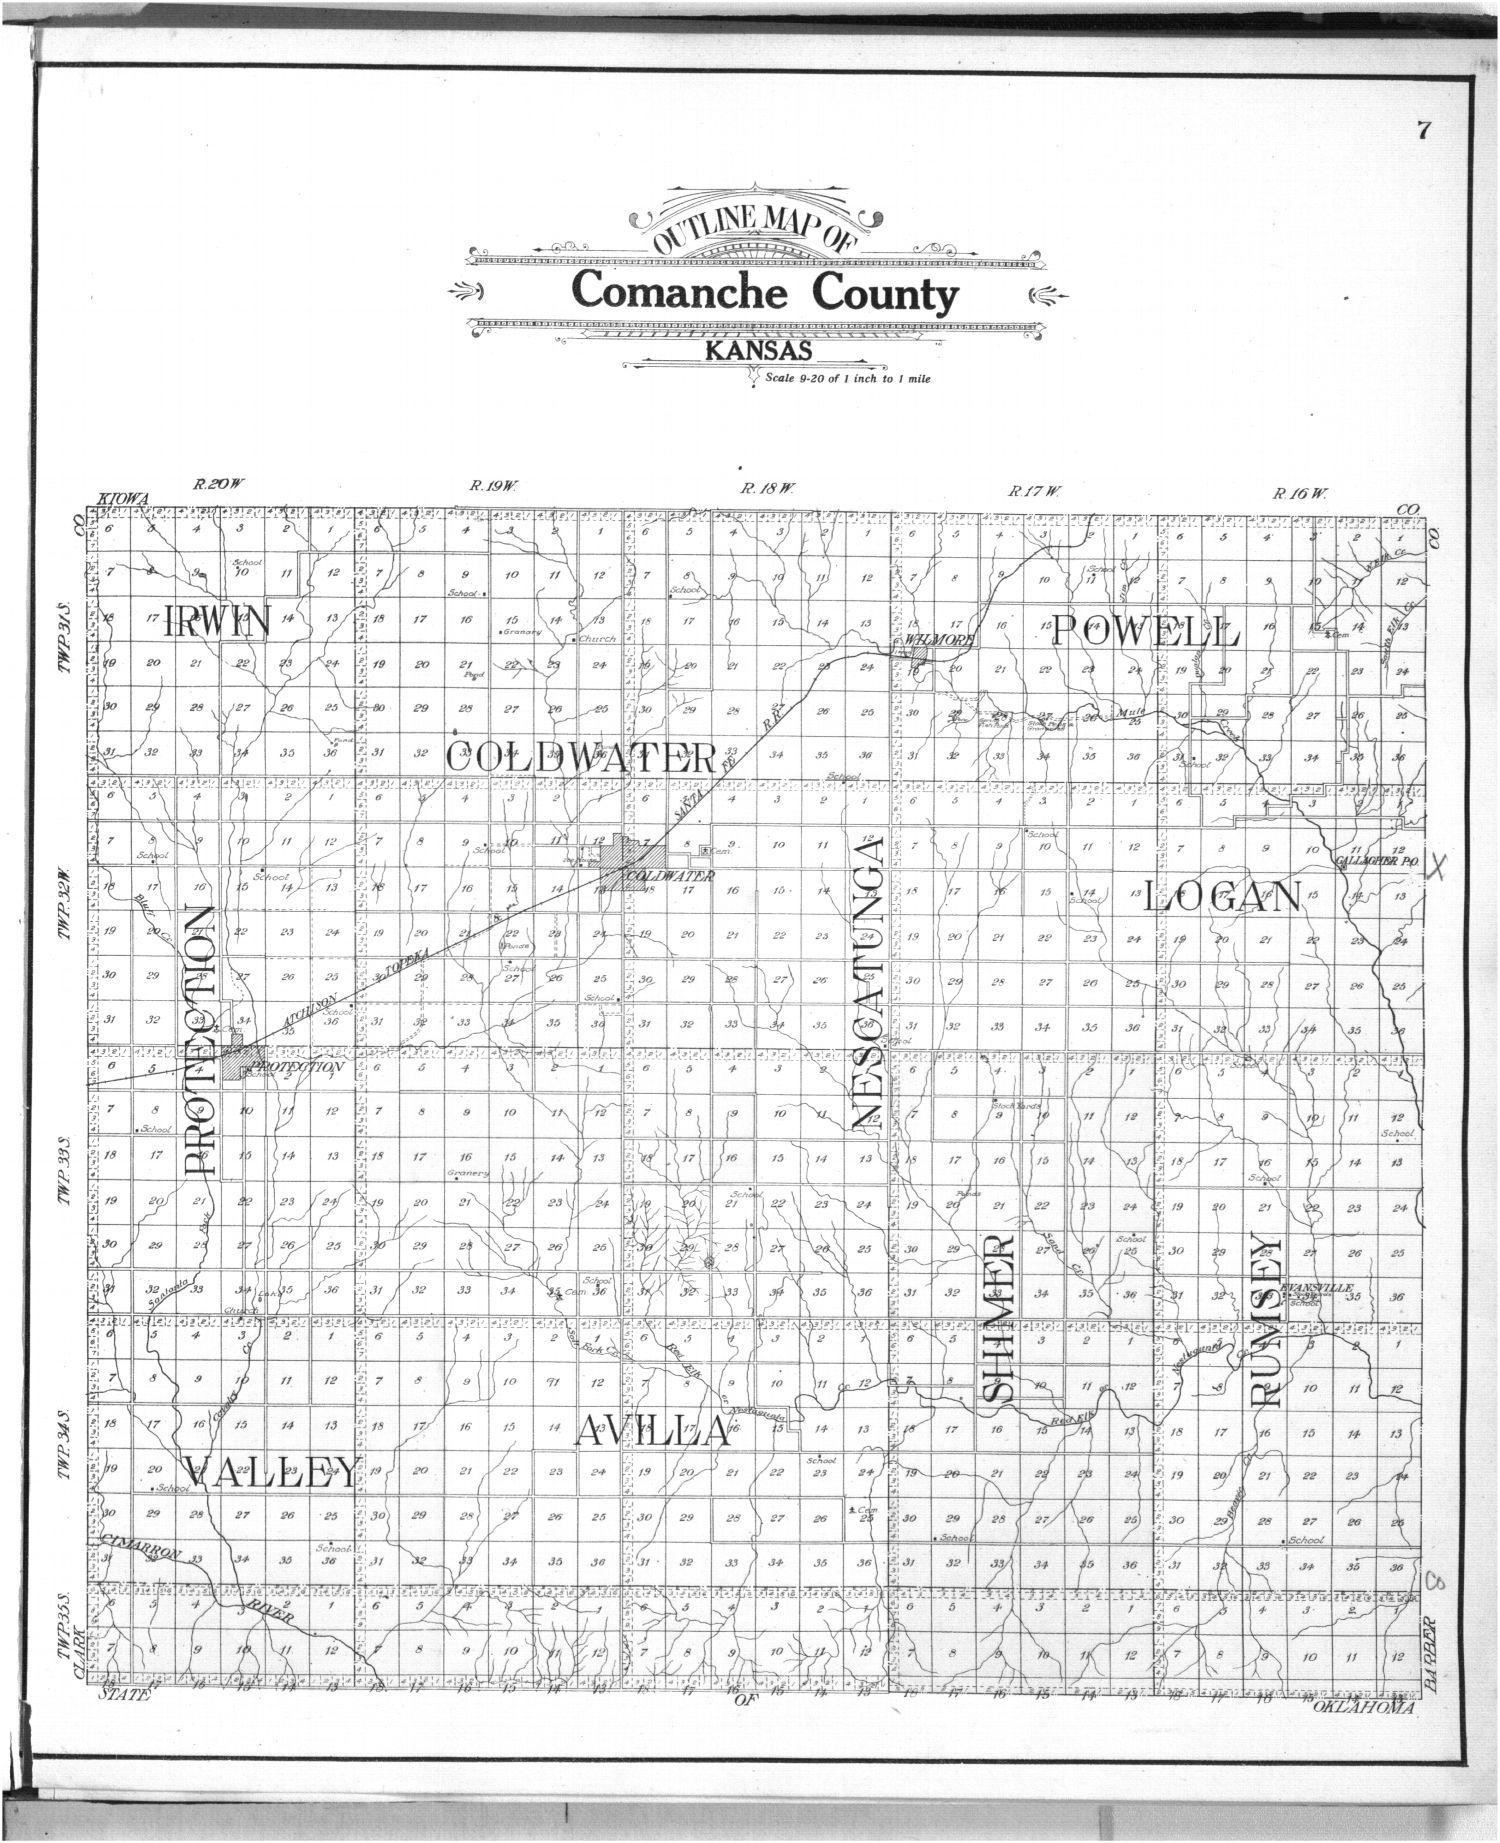 Standard atlas of Comanche County, Kansas - 7